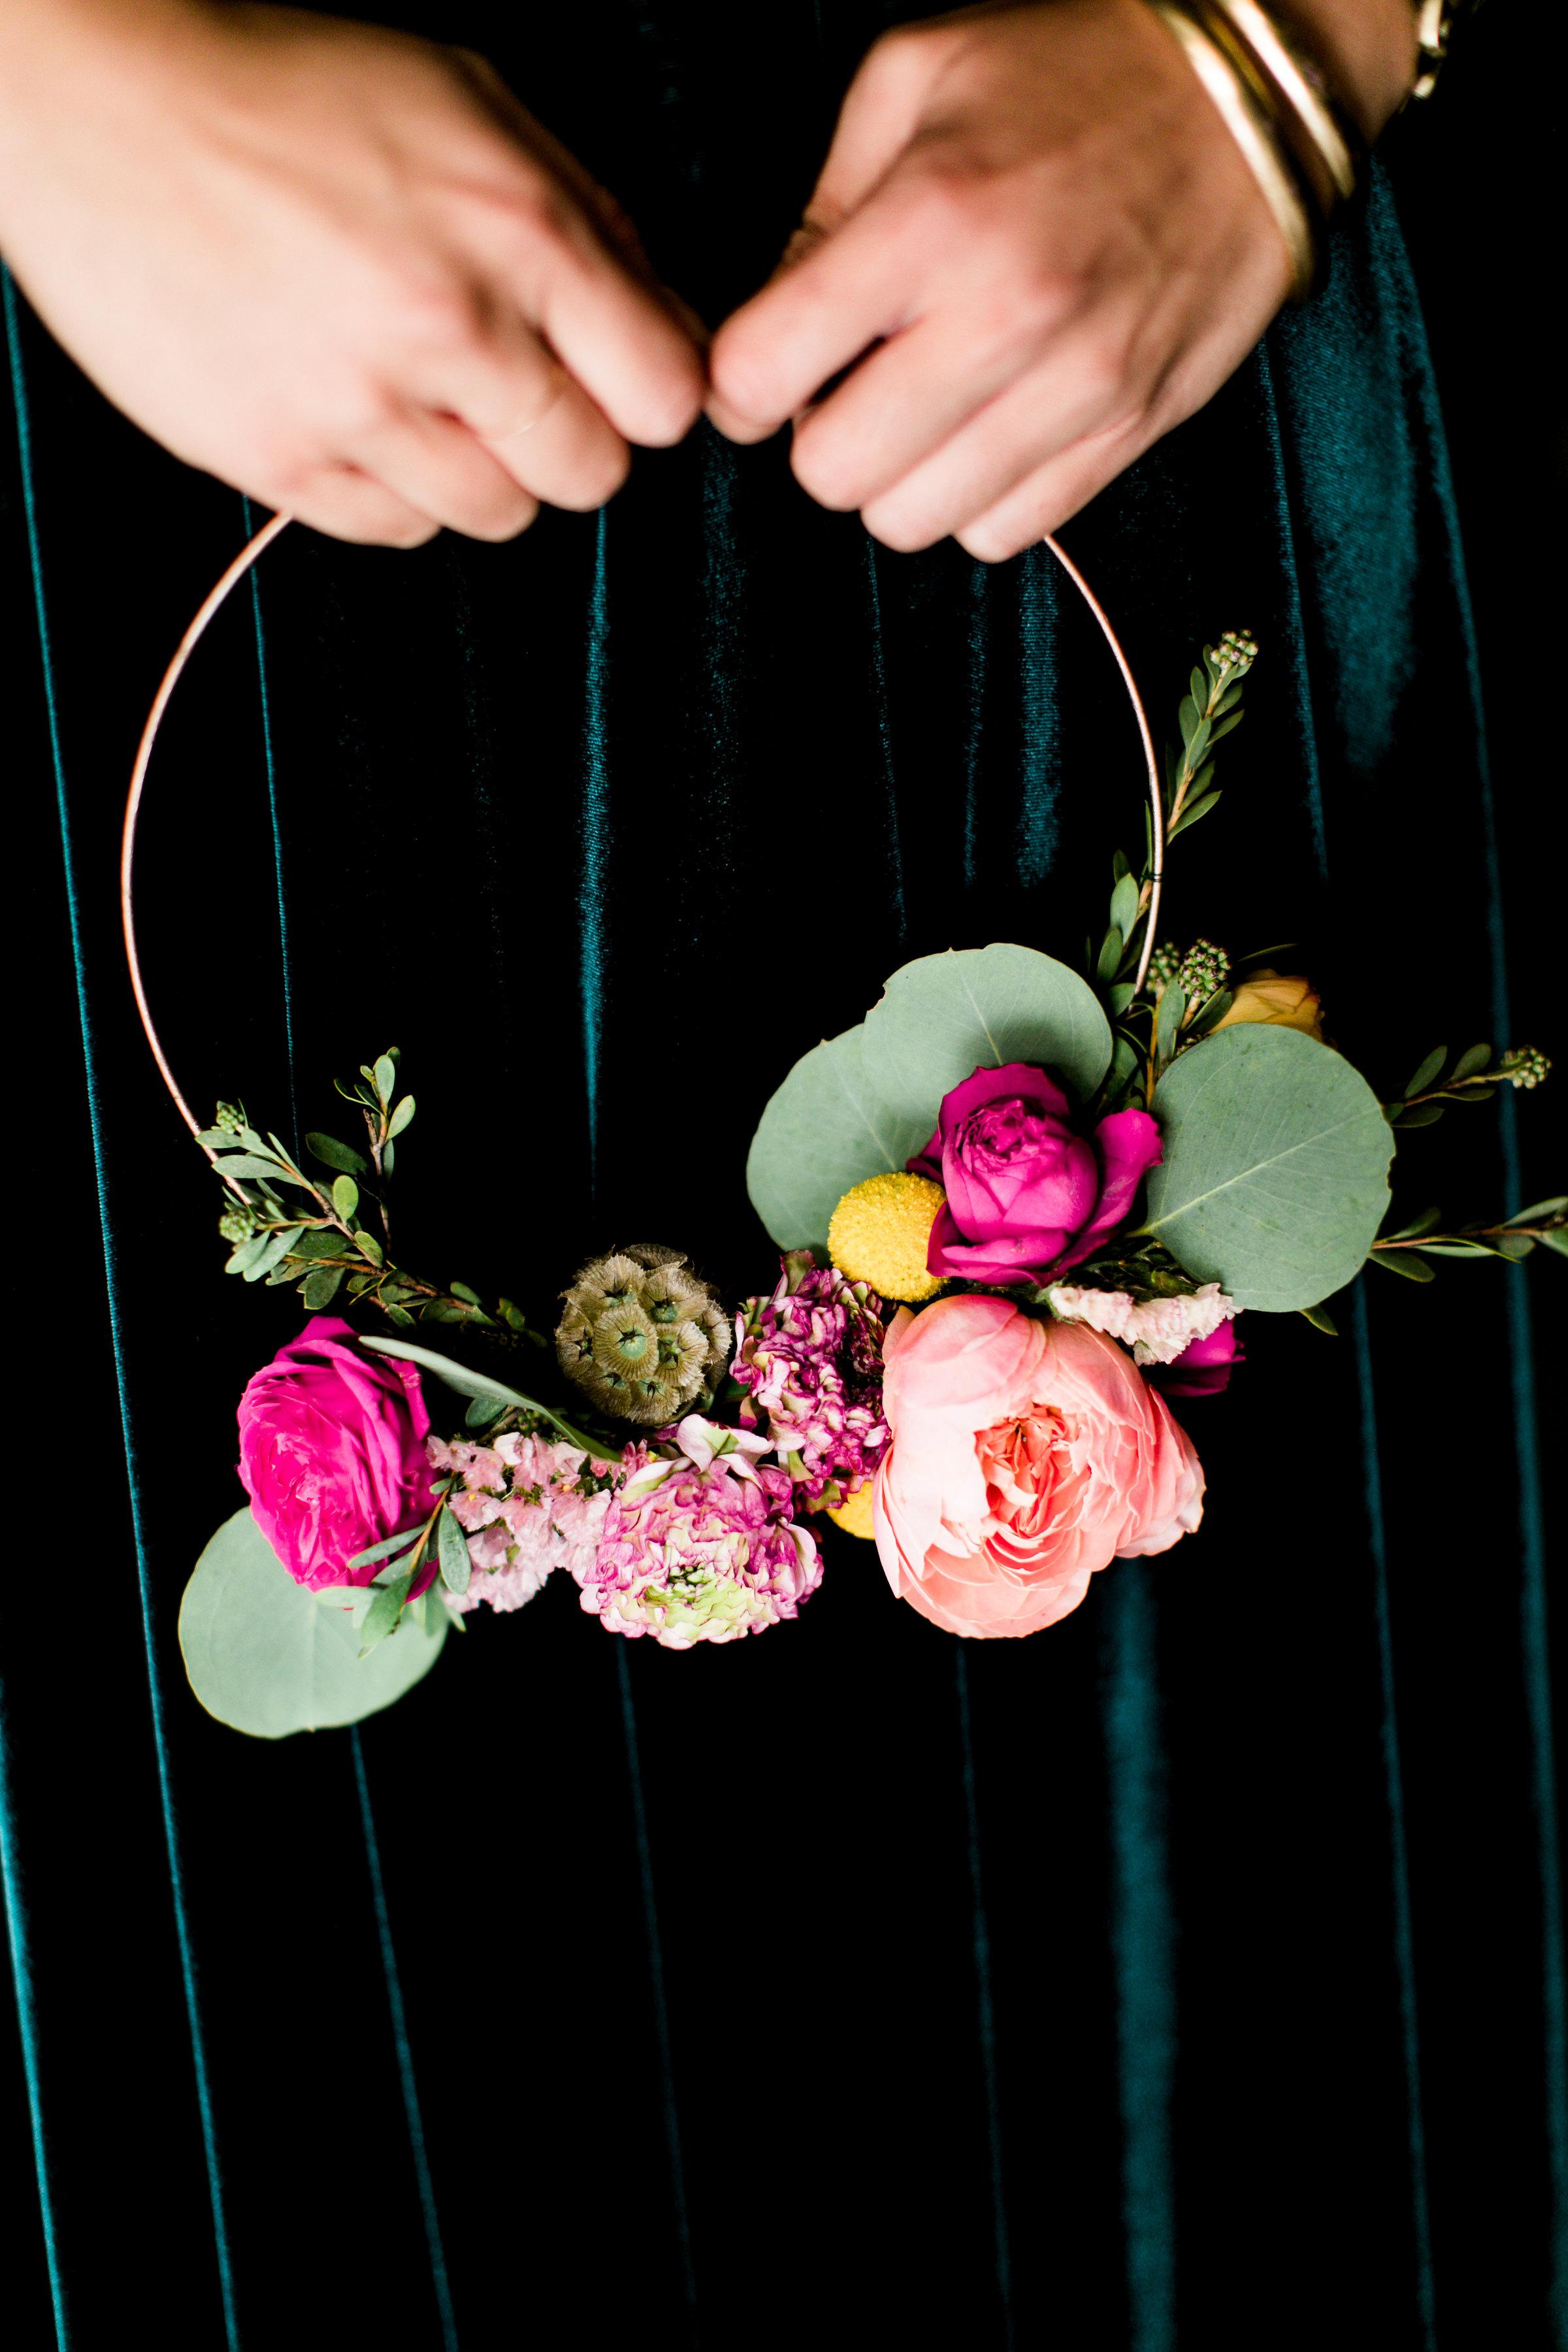 Phillip-Kari-Wedding-ROQUE-Events-Finch-Photo30.jpg